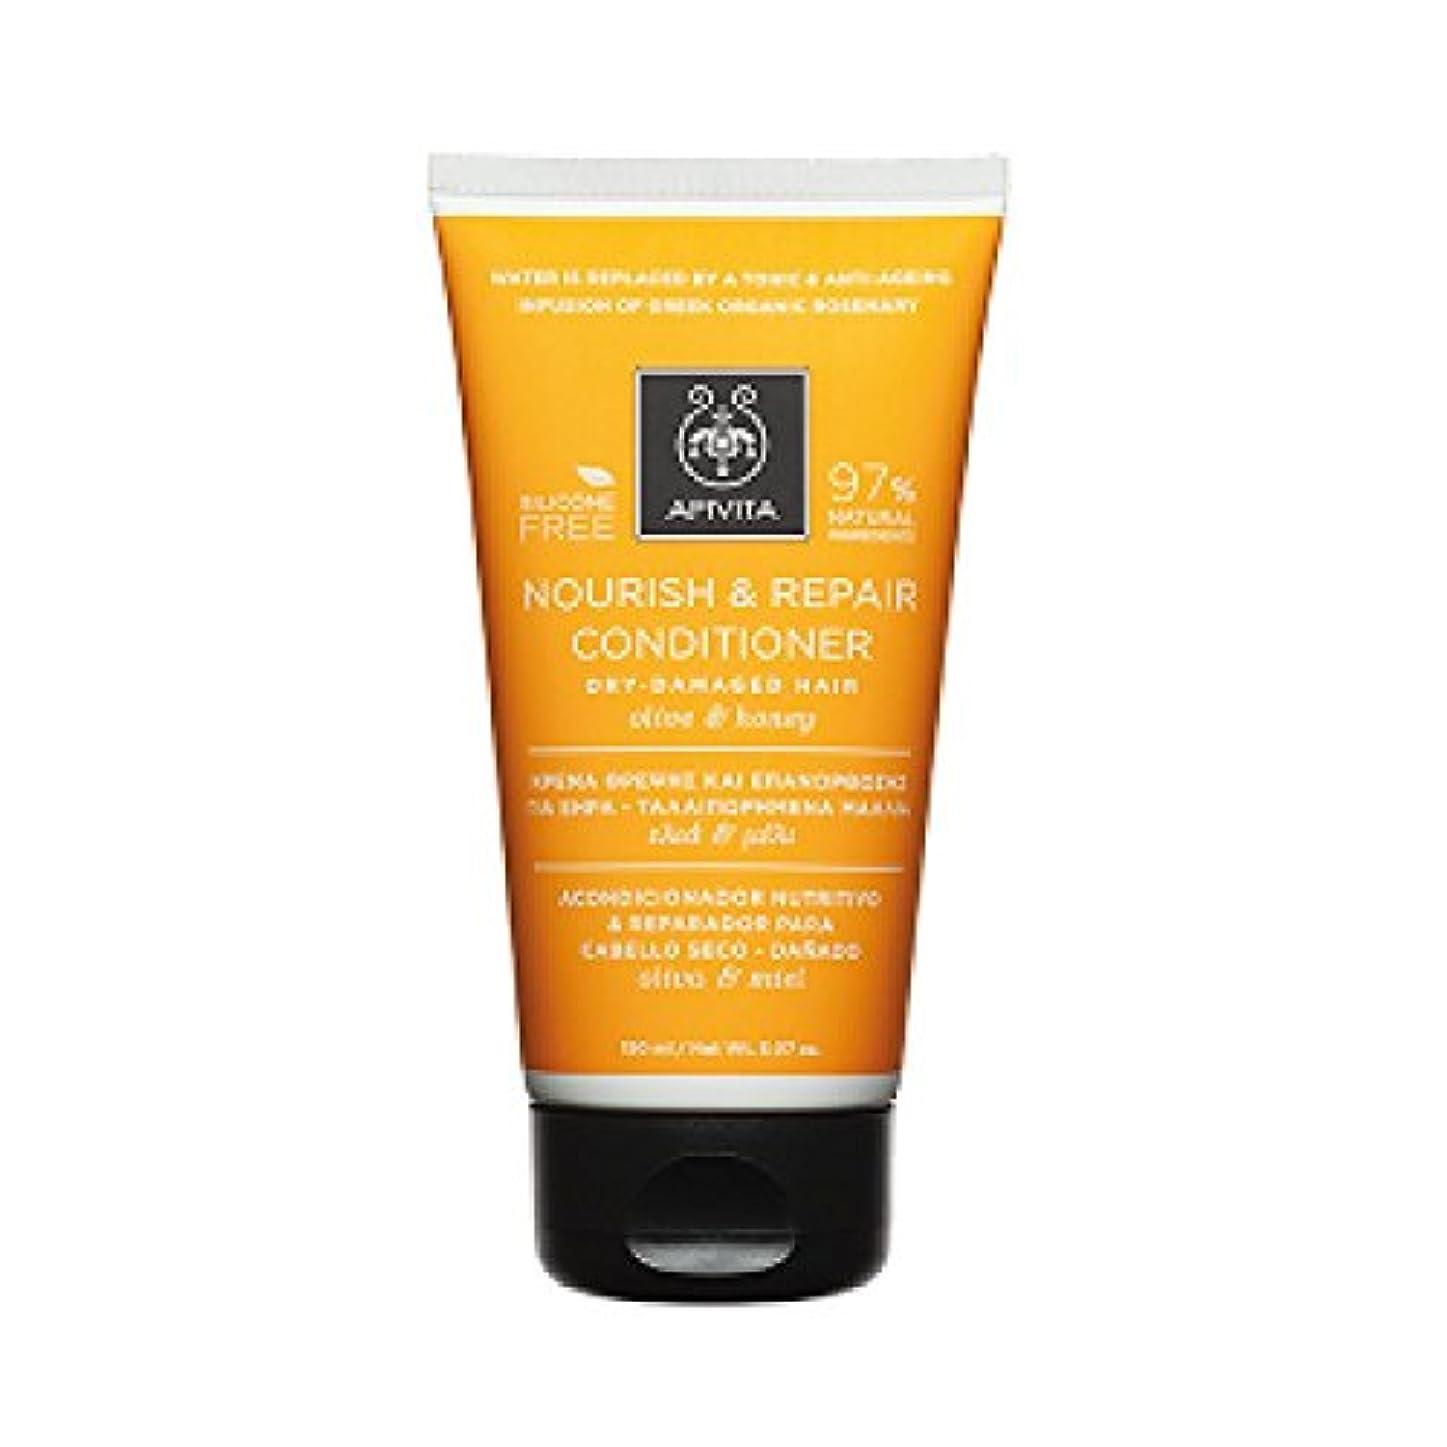 ゆりかご醸造所呼び出すアピヴィータ Nourish & Repair Conditioner with Olive & Honey (For Dry-Damaged Hair) 150ml [並行輸入品]